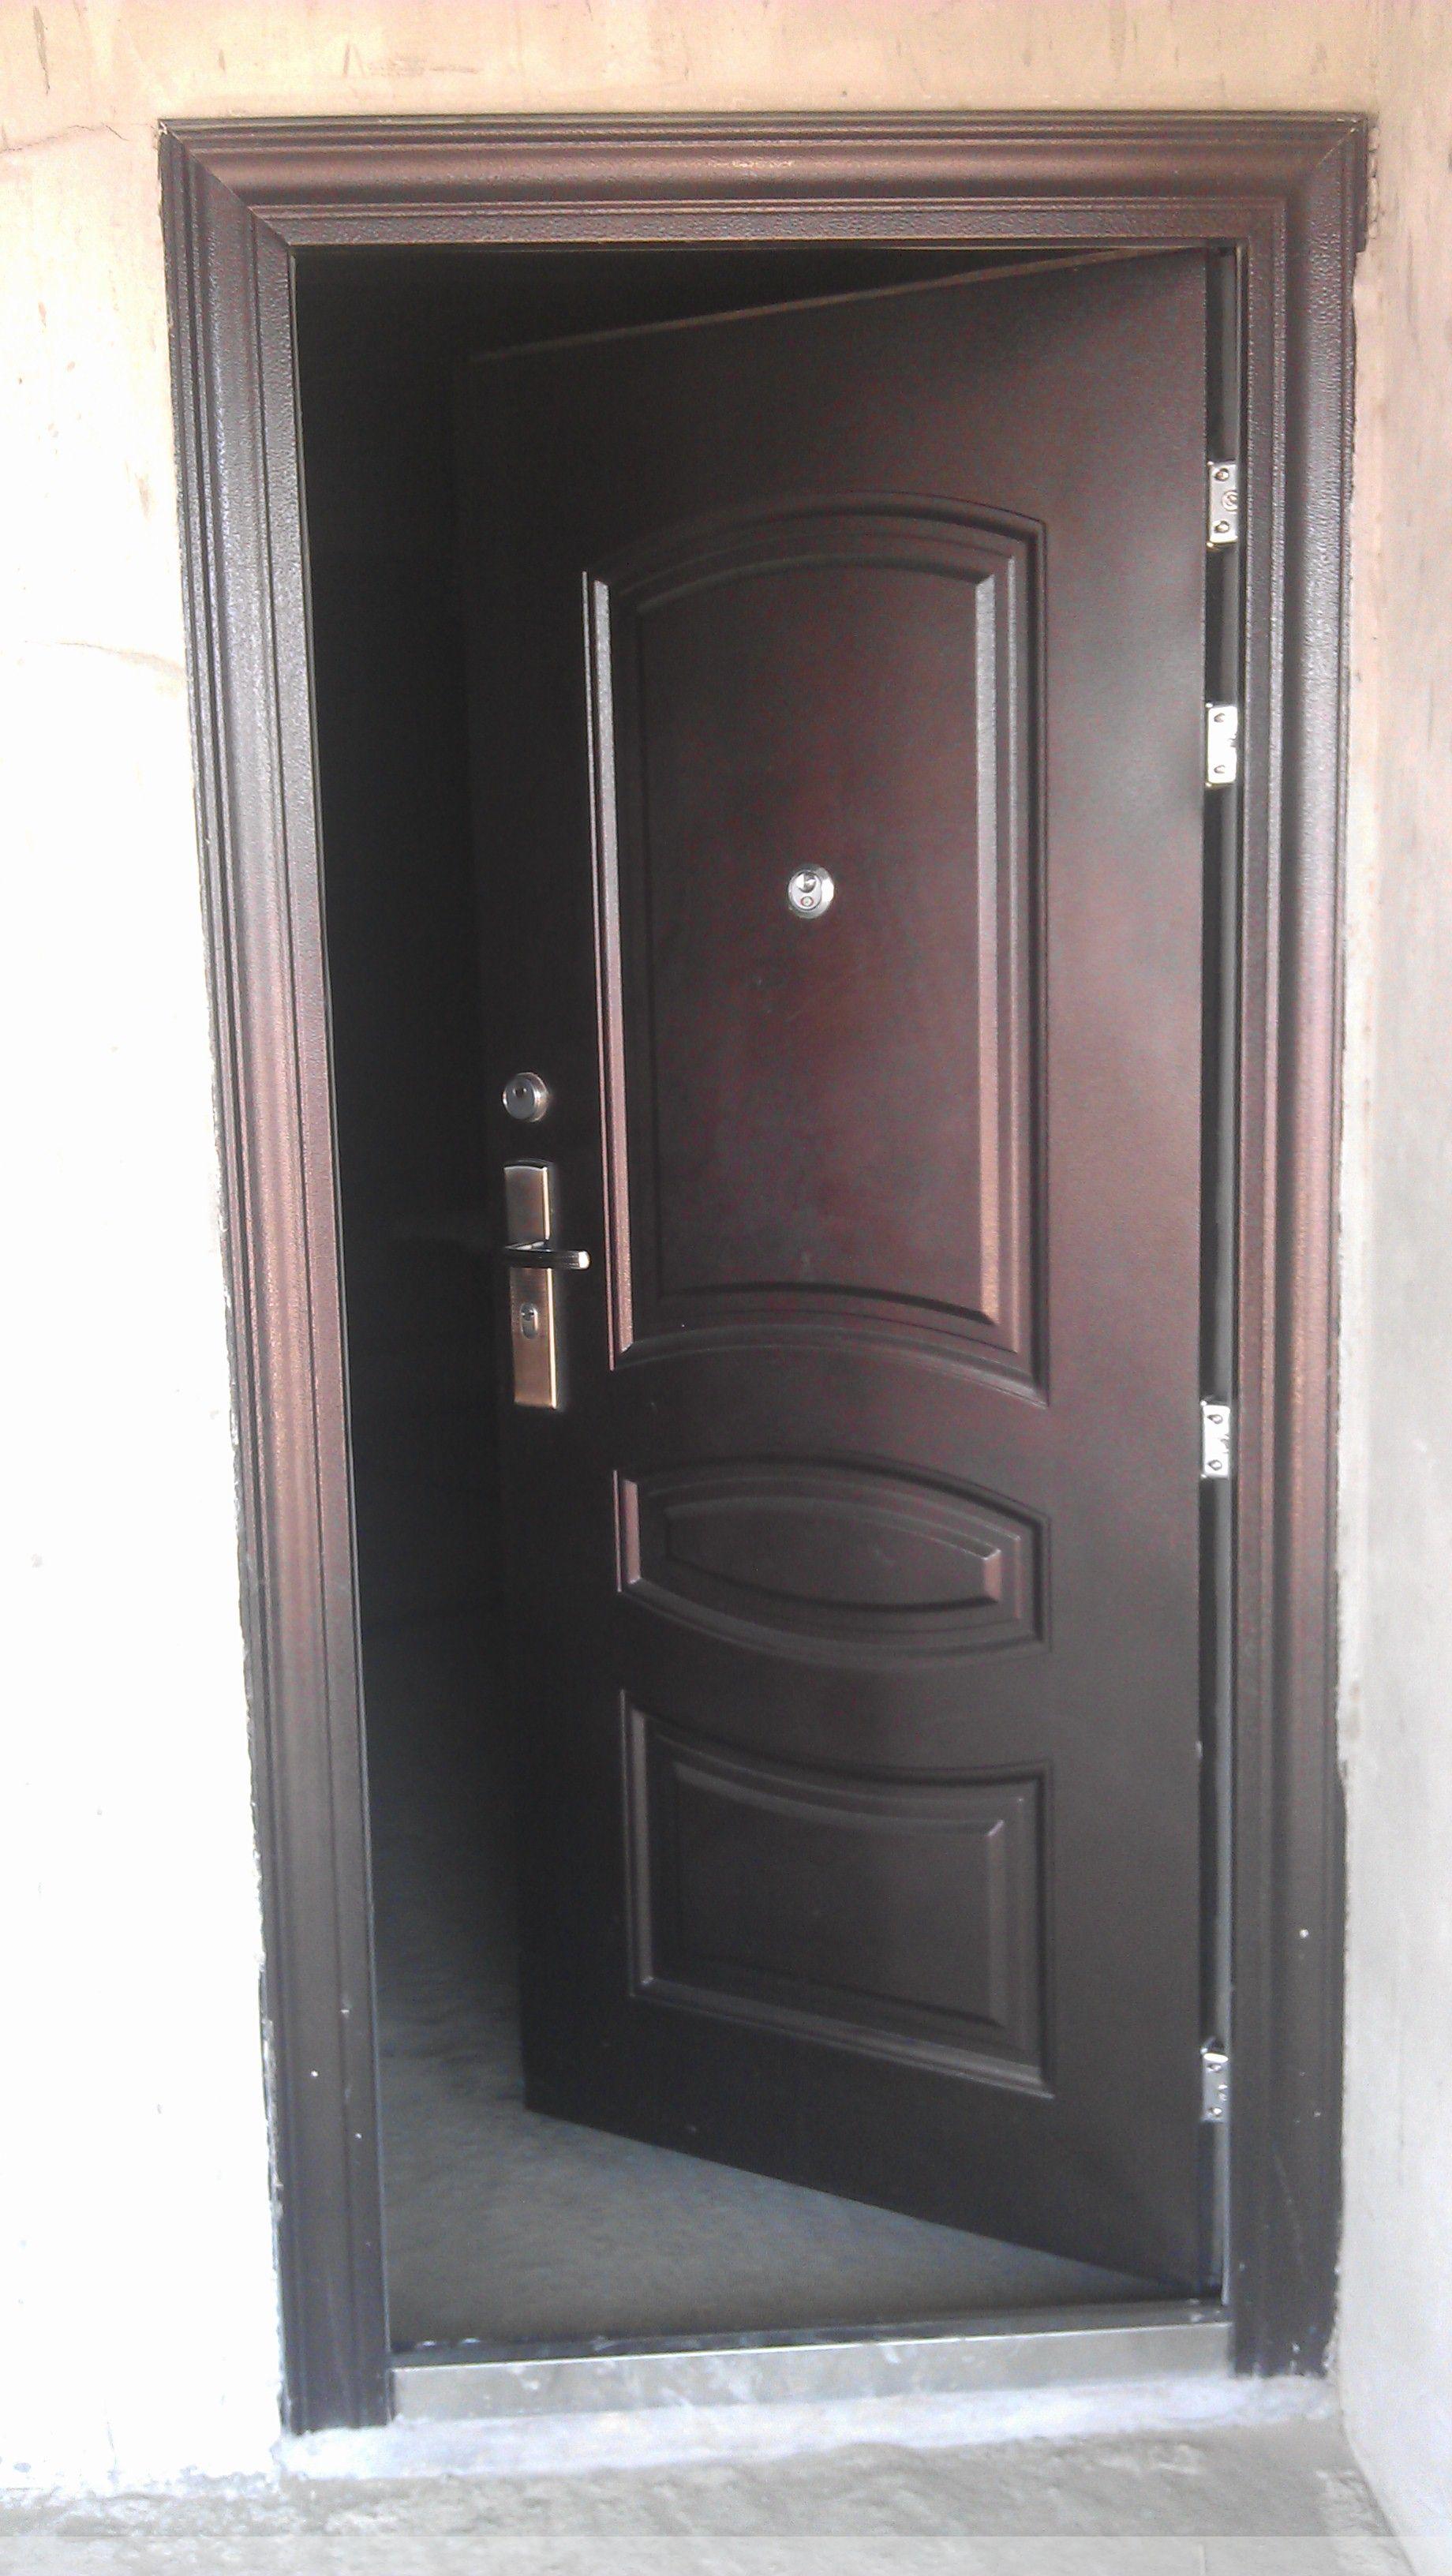 screen door doors cincinnati security oh features